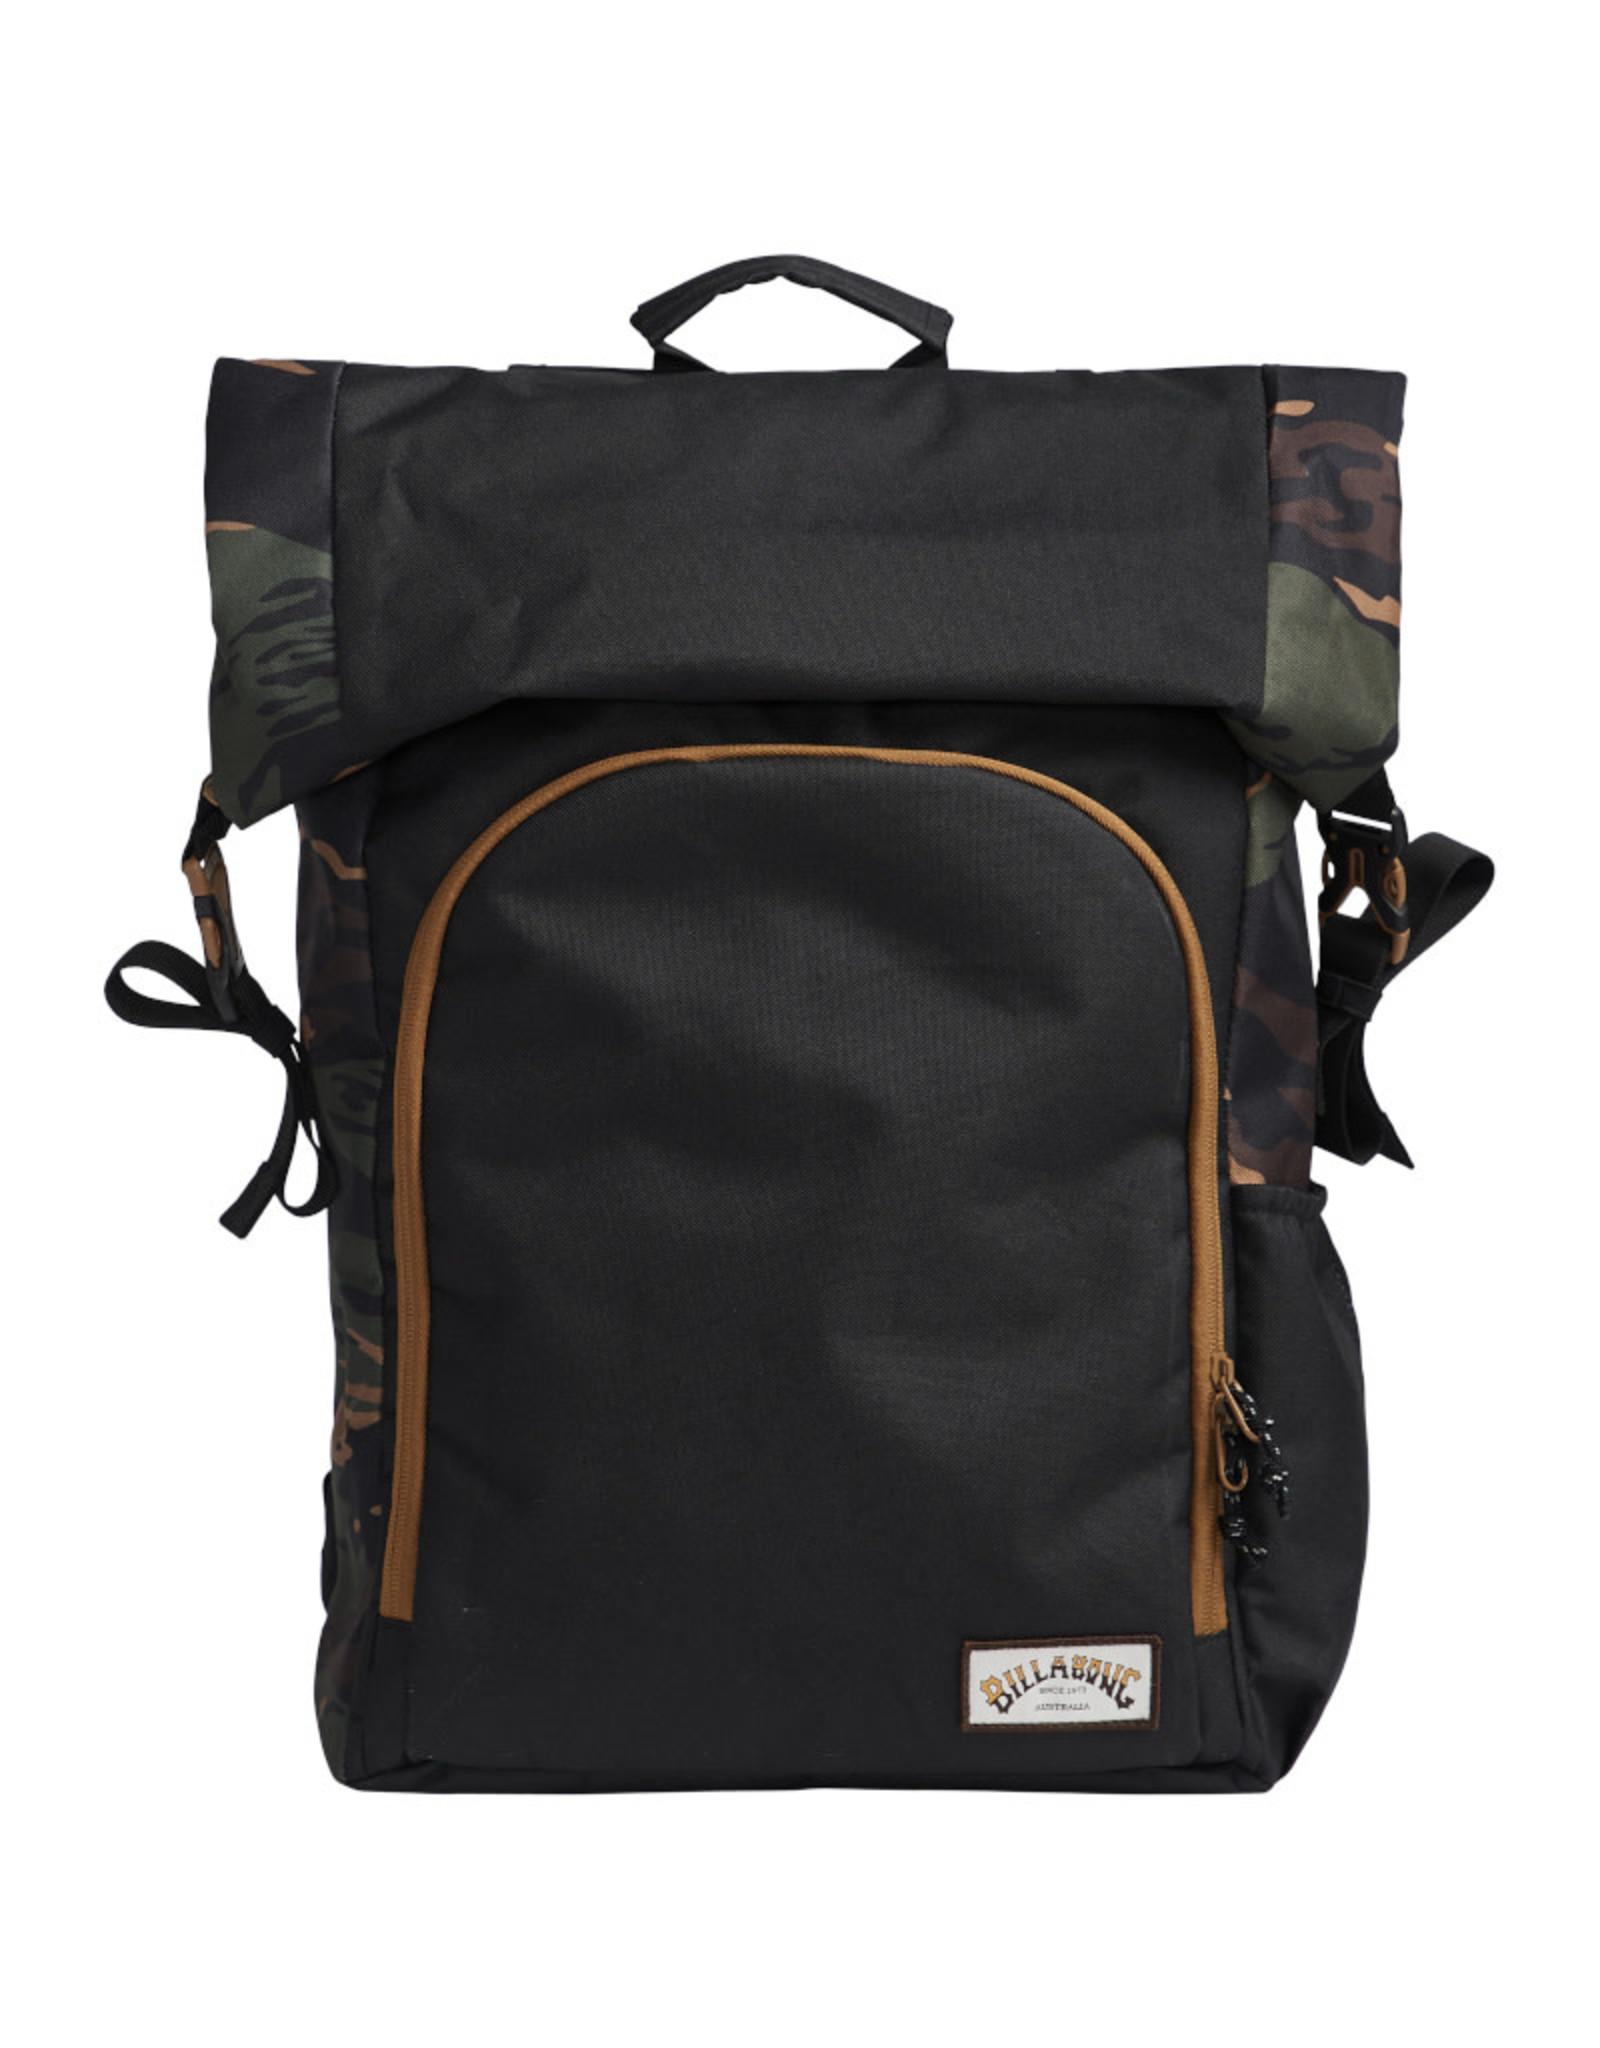 Billabong Billabong Venture Pack Army